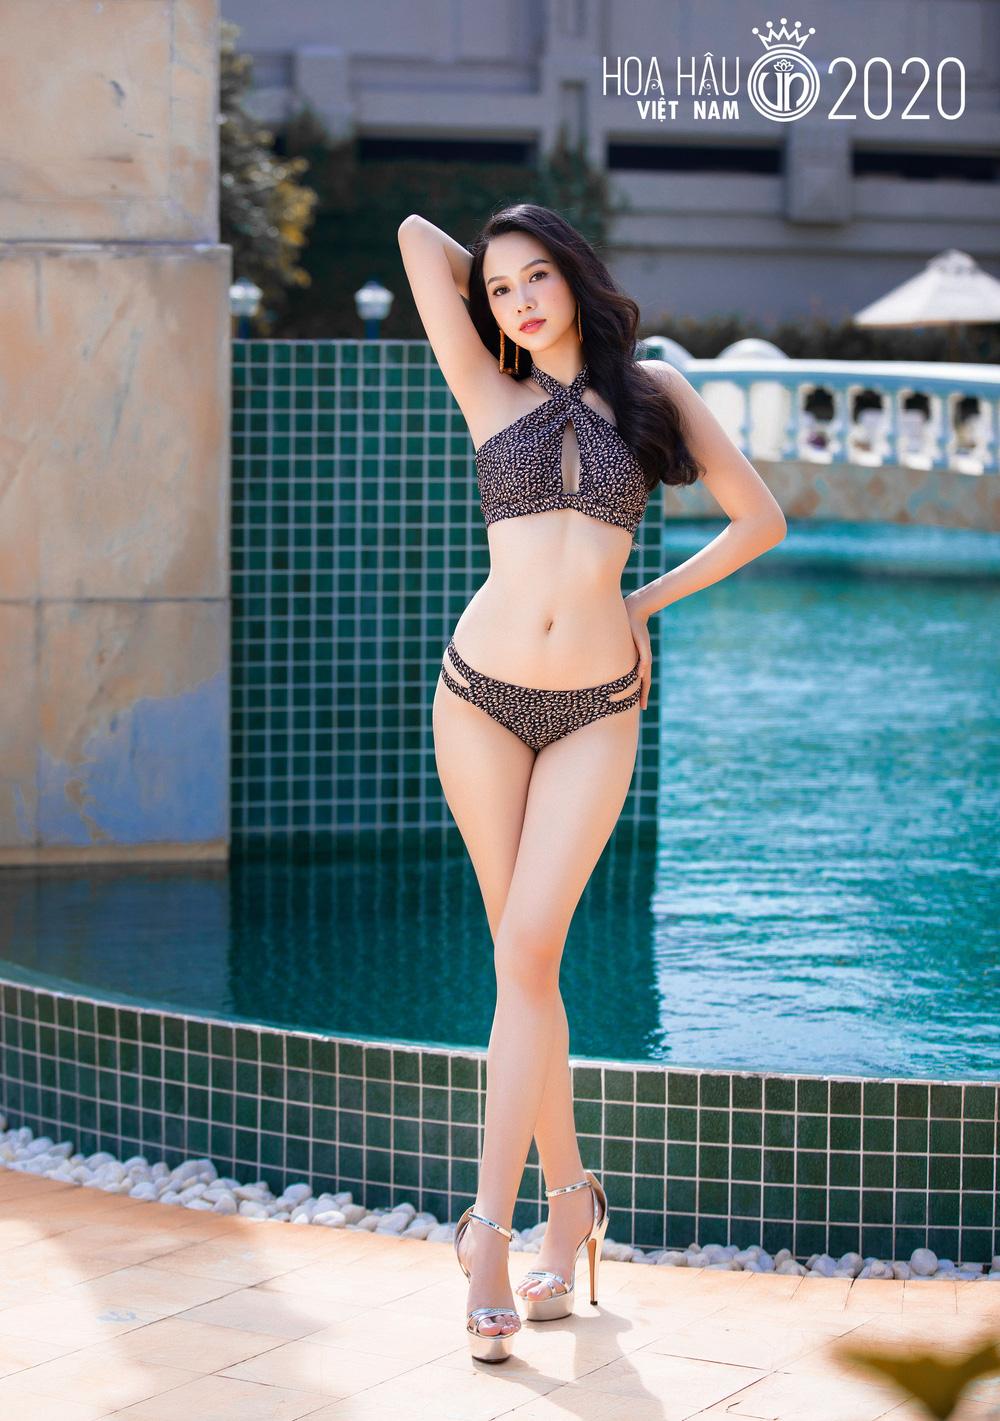 Trọn bộ ảnh bikini trước thềm Chung kết Hoa hậu Việt Nam 2020 - Ảnh 12.